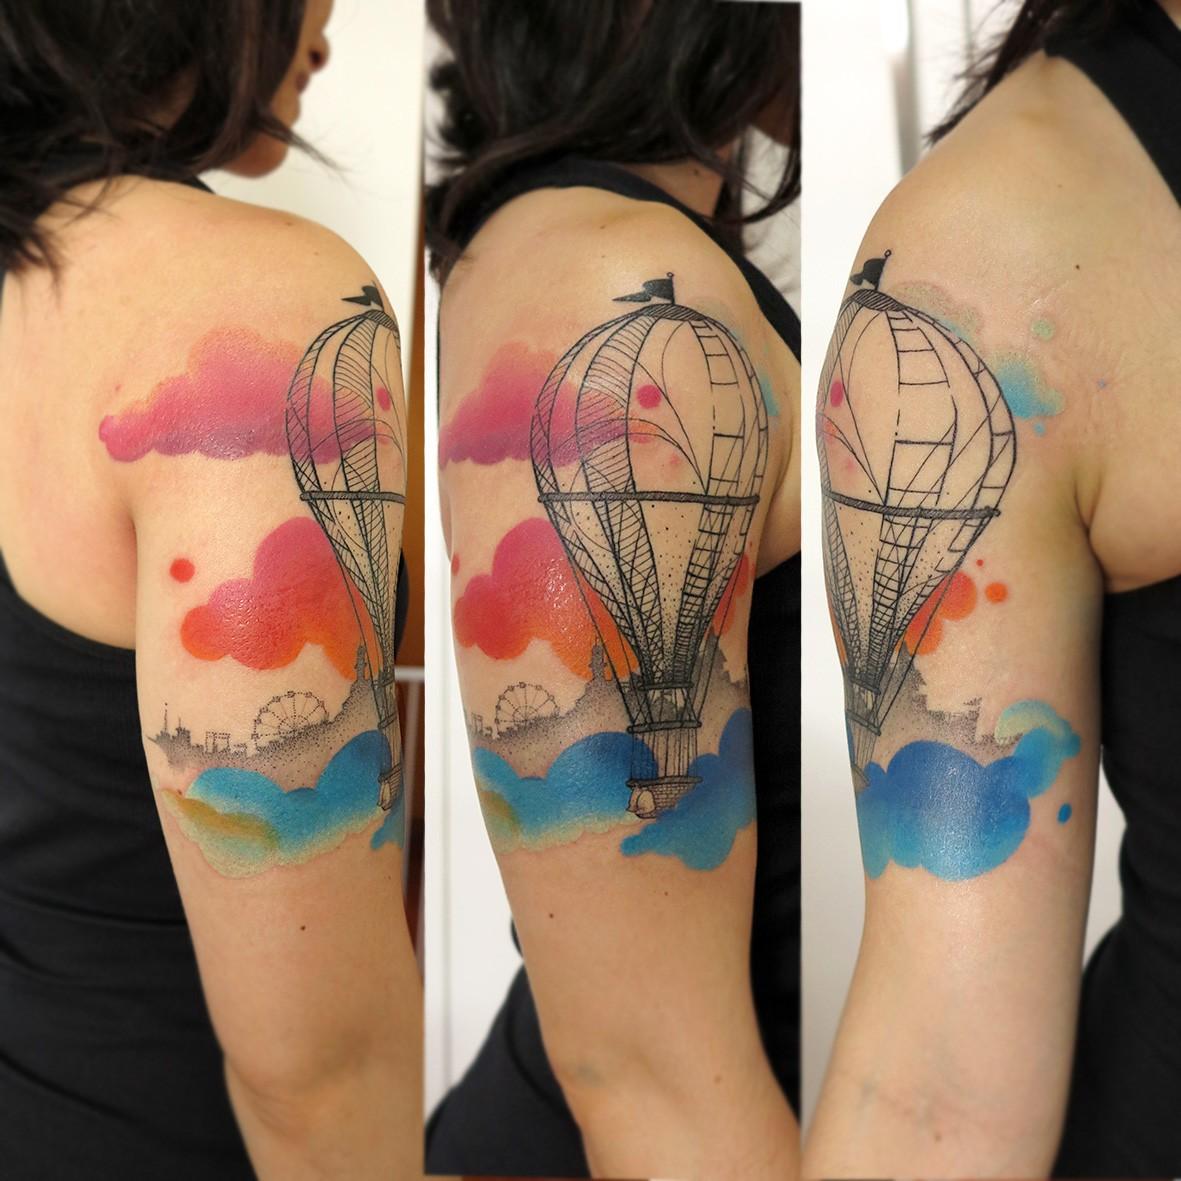 Tatuagem feita por Lan Pravda (Foto: Reprodução)